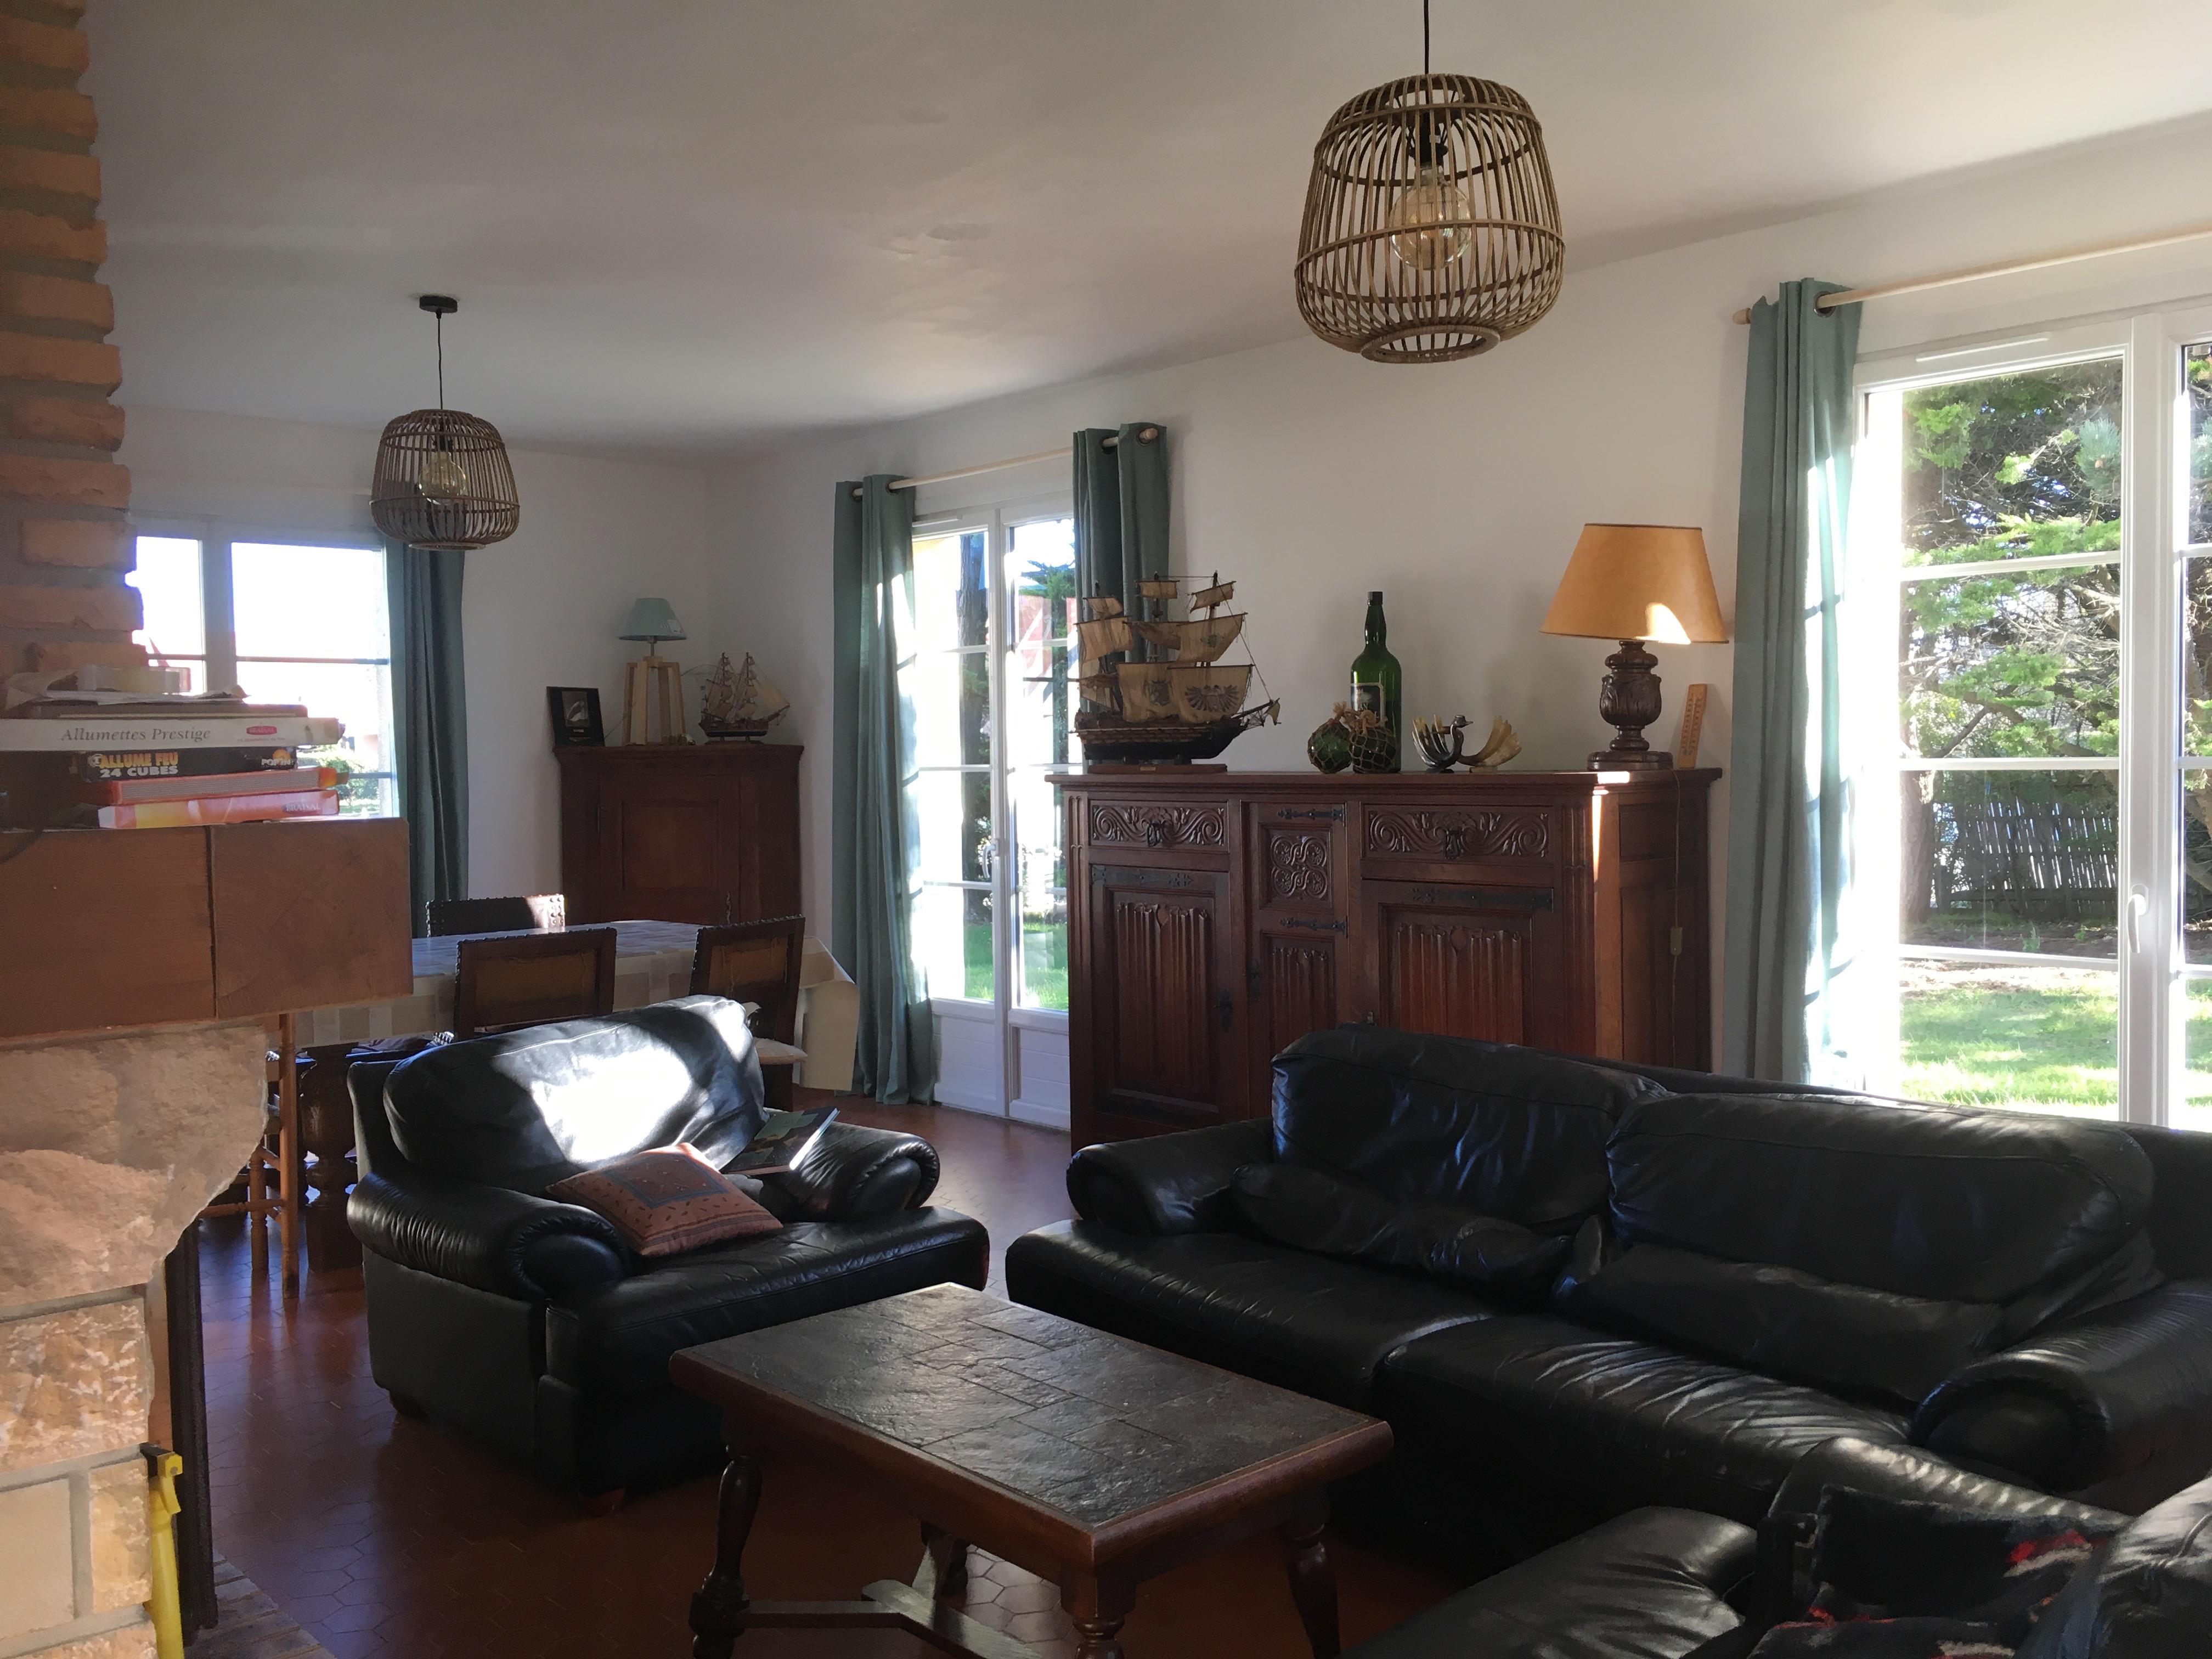 Sejour - Villa-Yeure - Sainte Cecile - Cote d'Opale